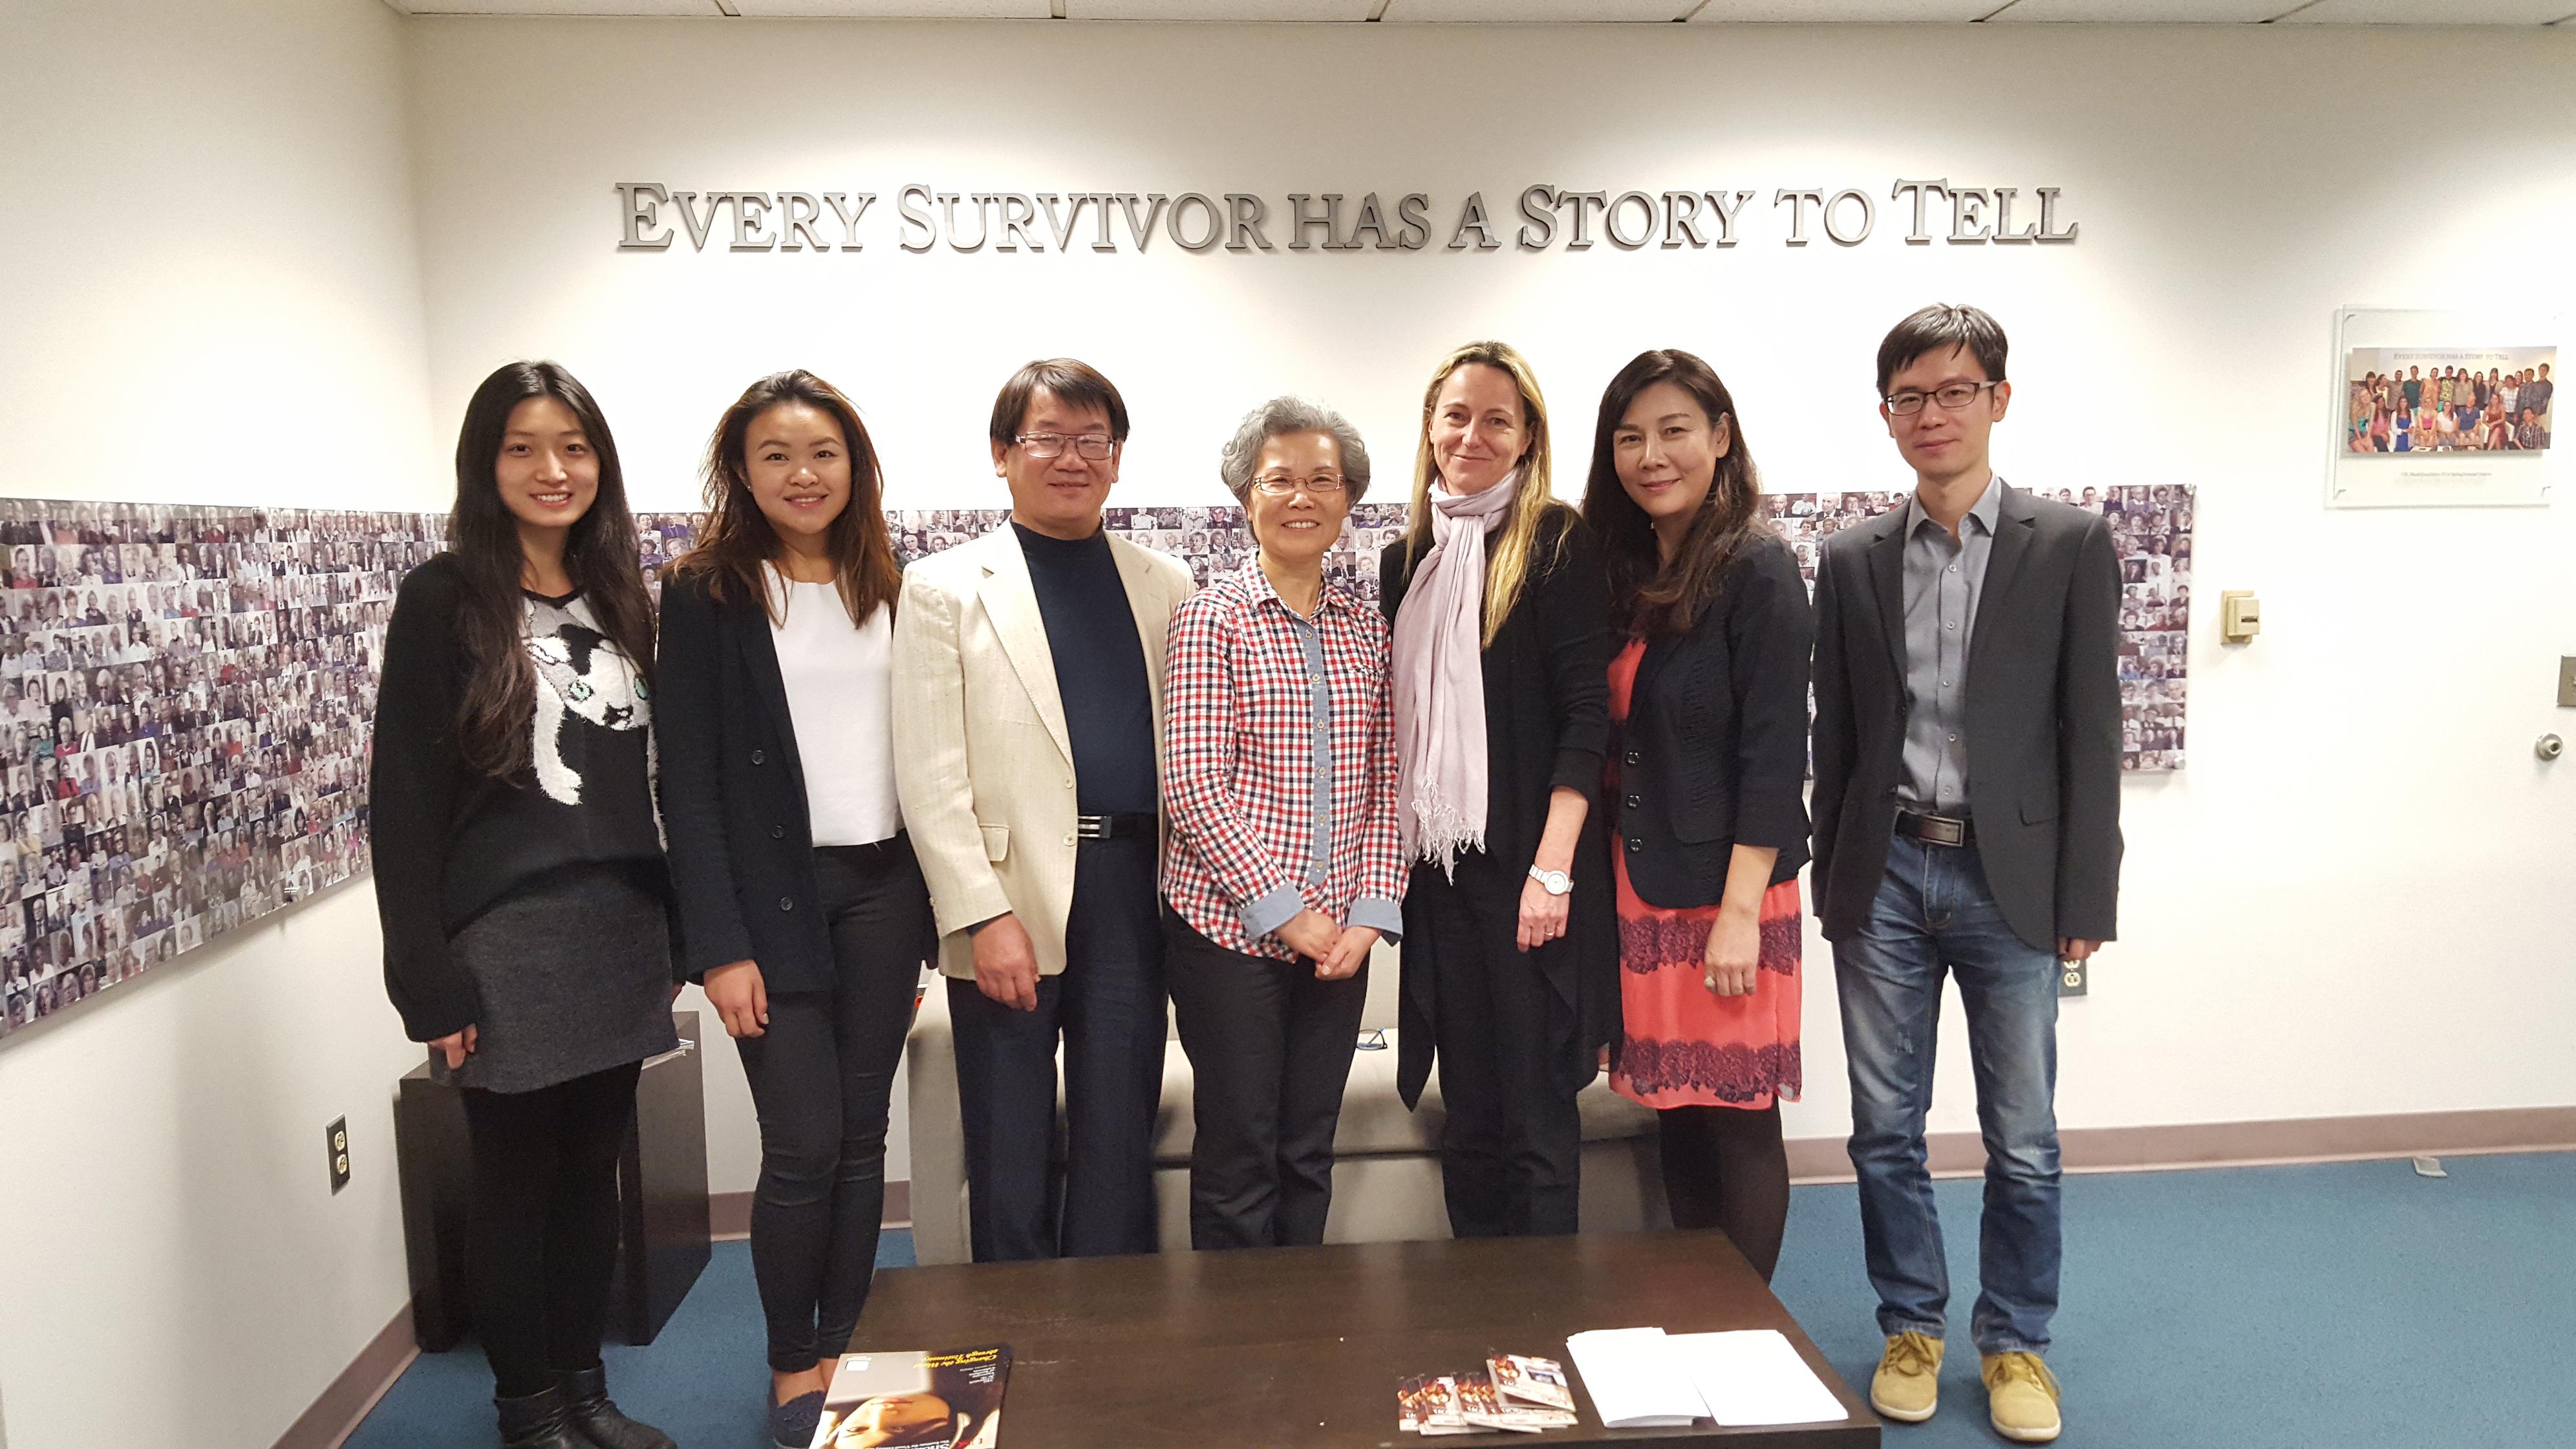 L-R: Gina (Ge Jin), Natalie Ngan, Mark S. Liu (Liu Xiang), Madam Xu Kangying, Karen Jungblut, Janet Zhang (Zhang Jiena), Cheng Fang